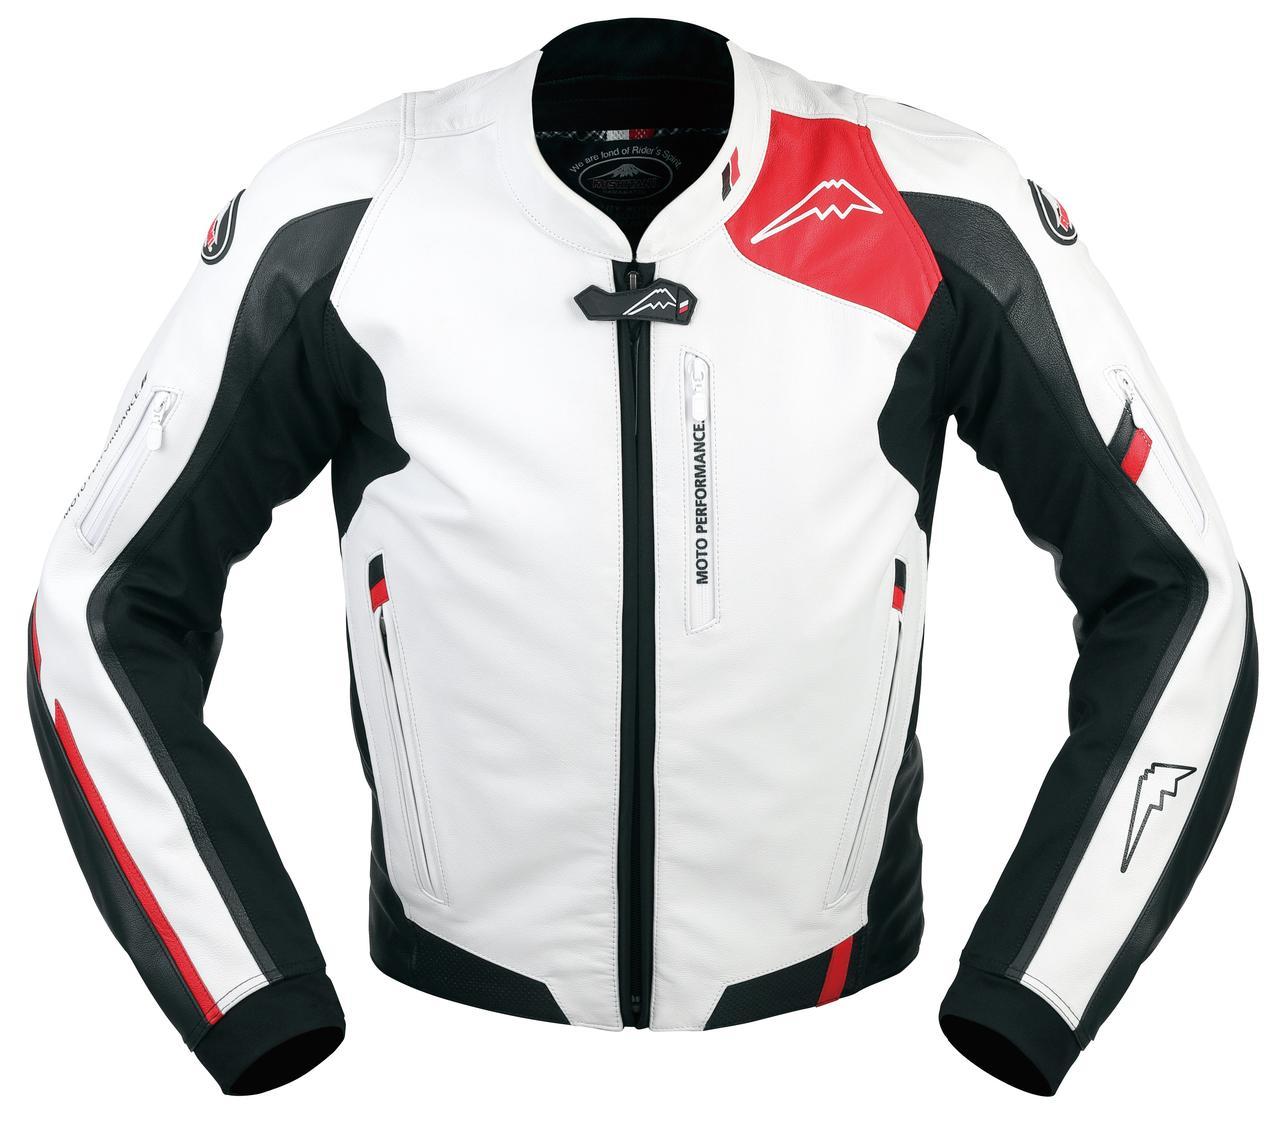 画像1: ソフトステア牛革の質感豊かなスポーツライディングジャケット